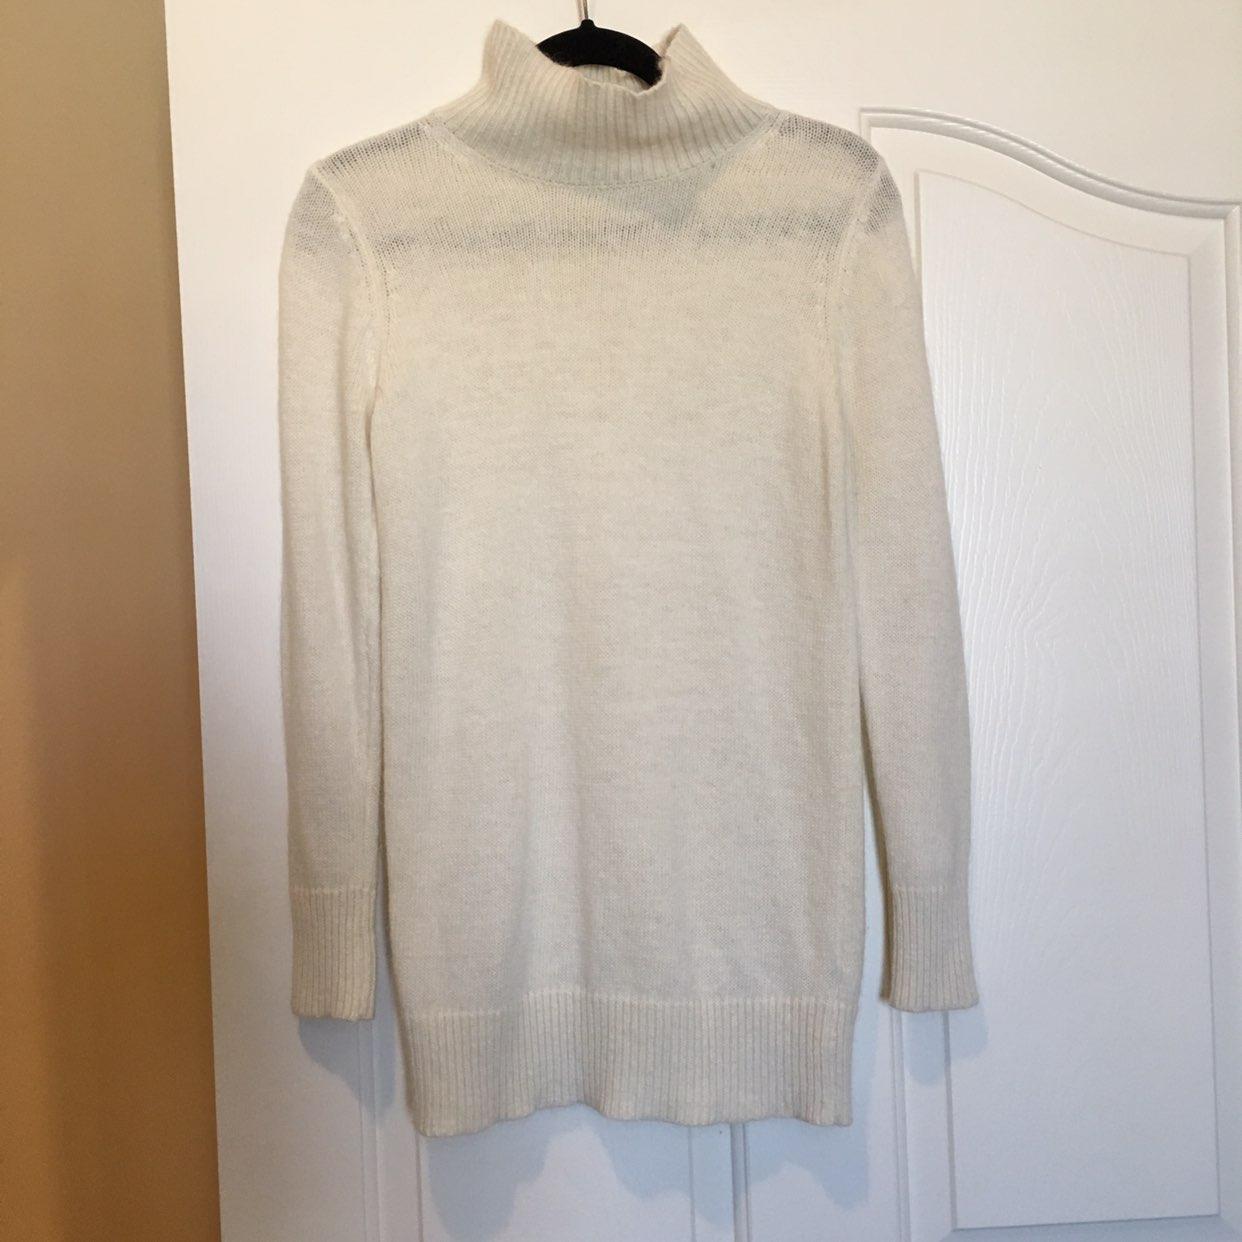 Tan Turtle Neck Sweater